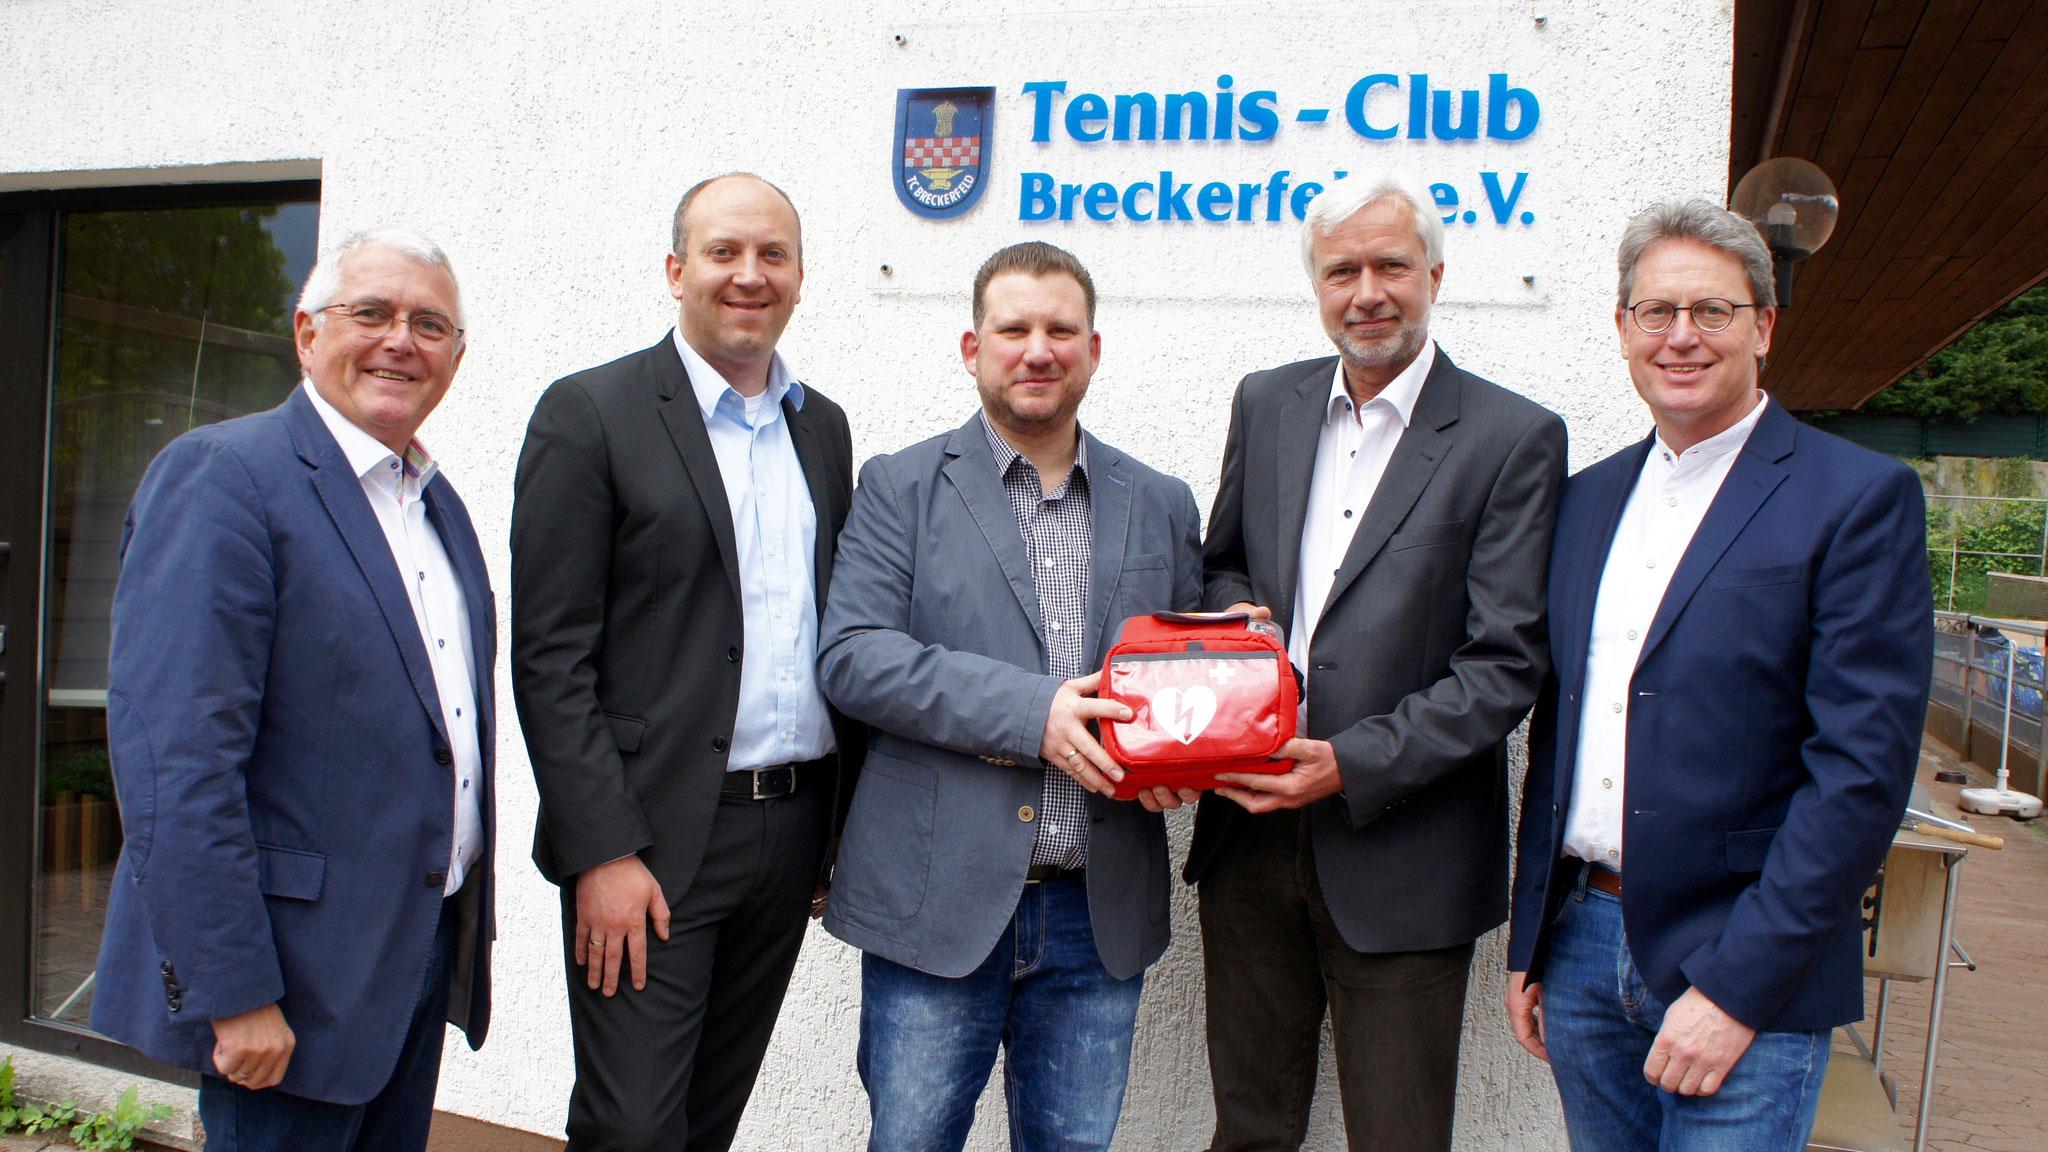 v.l.n.r: Bodo Bongen (Sparkassendirektor), André Dahlhaus (Bürgermeister), Jens Schilling (Projektleiter), Gundolf Büsch (Vorsitzender TCB) und Udo Sachs (Geschäftsführer Sparkassen-Stiftung)